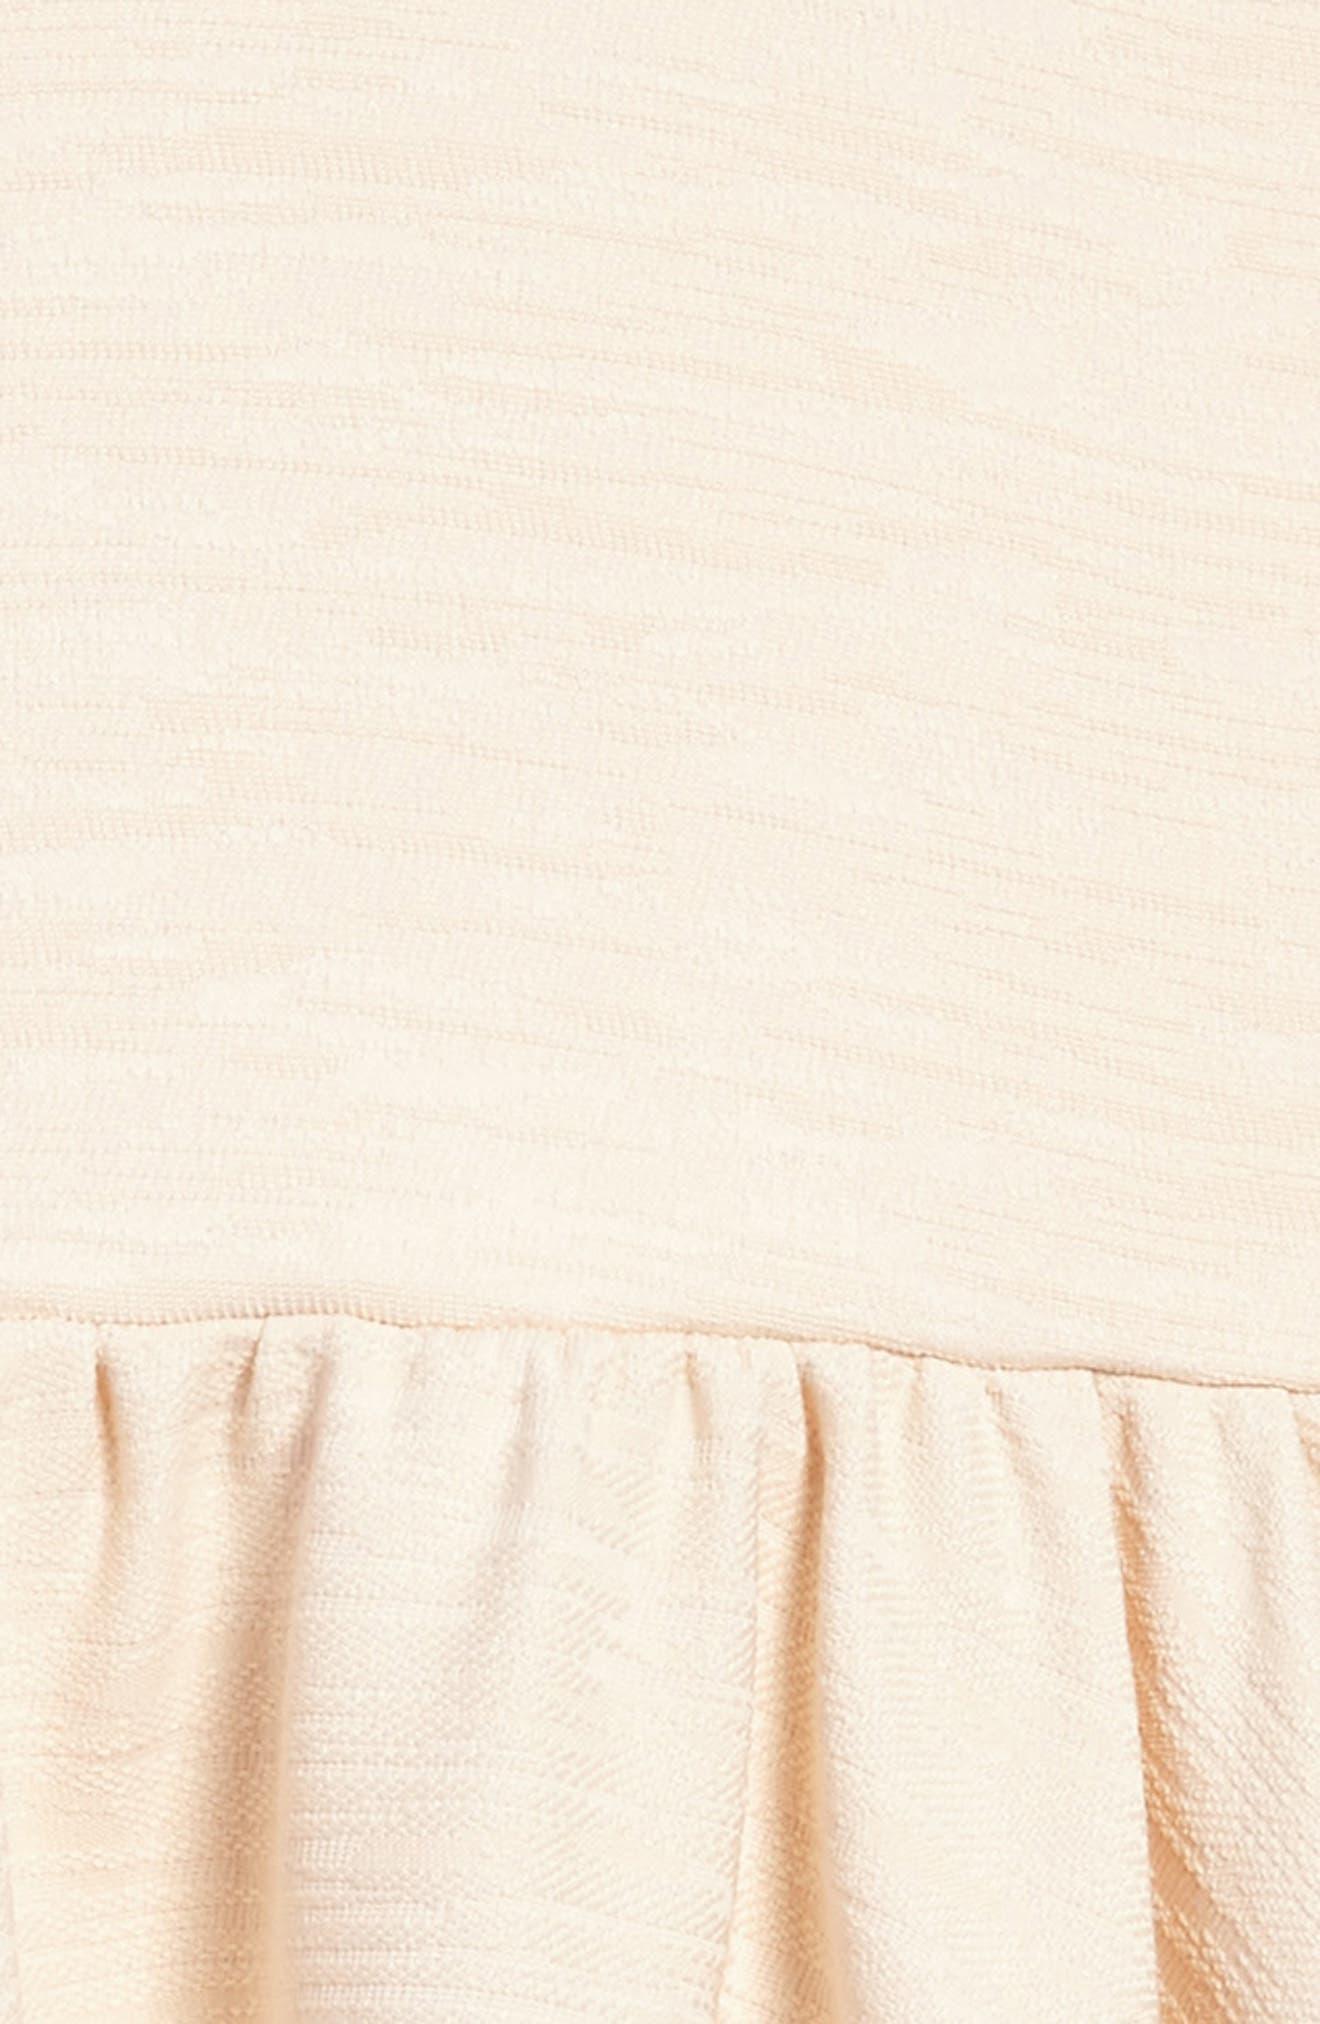 Stephanie Halter Dress,                             Alternate thumbnail 3, color,                             Beige